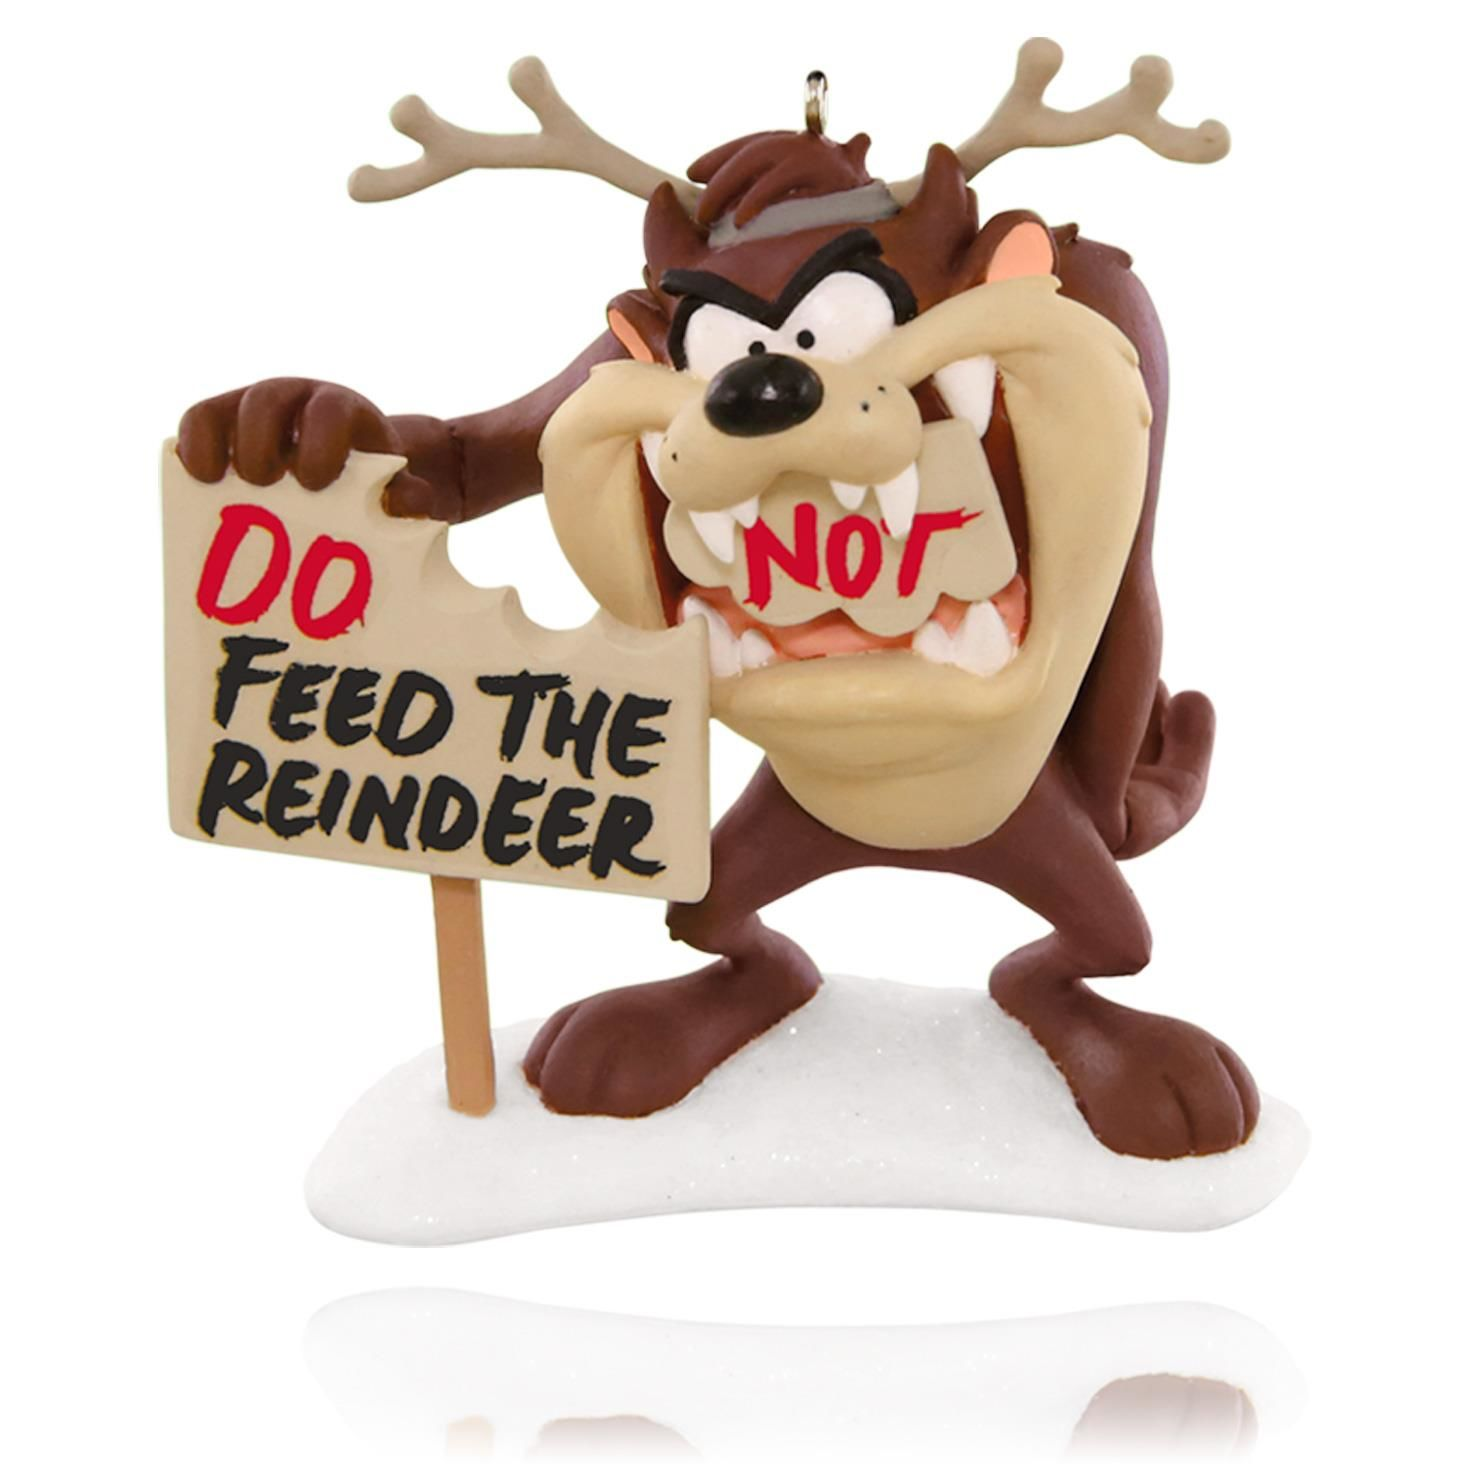 Reindeer christmas ornaments - 2015 Feed The Reindeer Taz Hallmark Ornament Hooked On Hallmark Ornaments